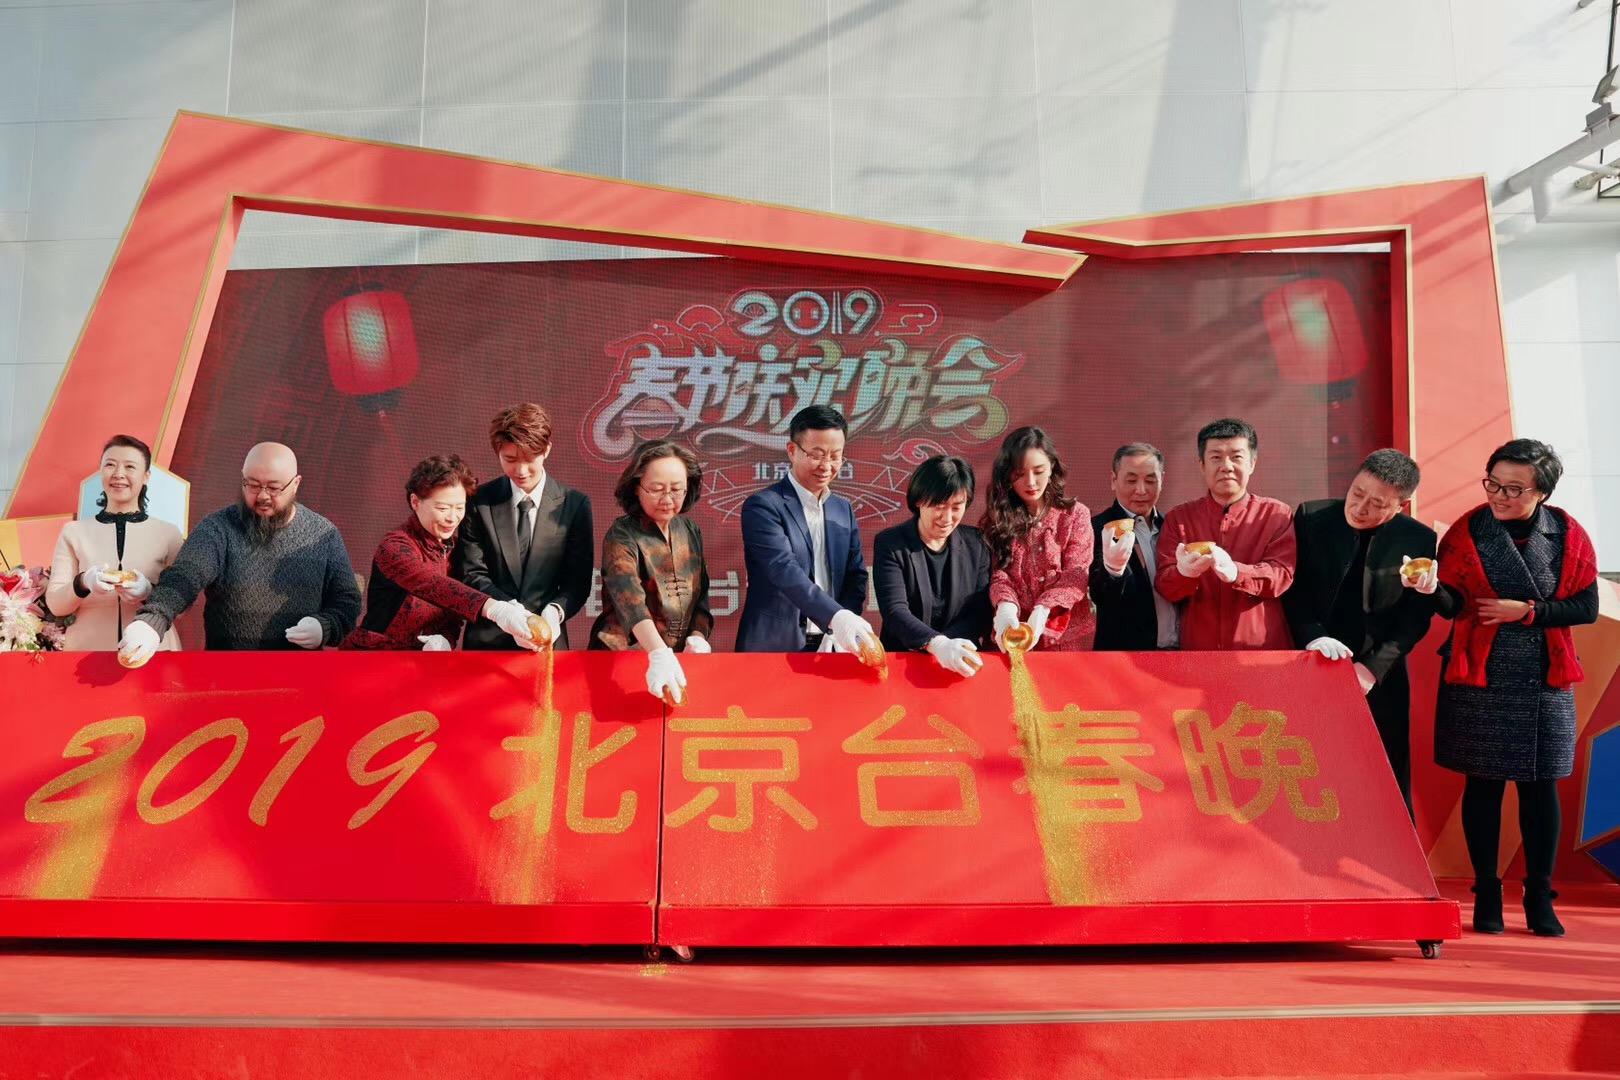 蔡徐坤最爱吃什么?北京台春晚发布会上有答案